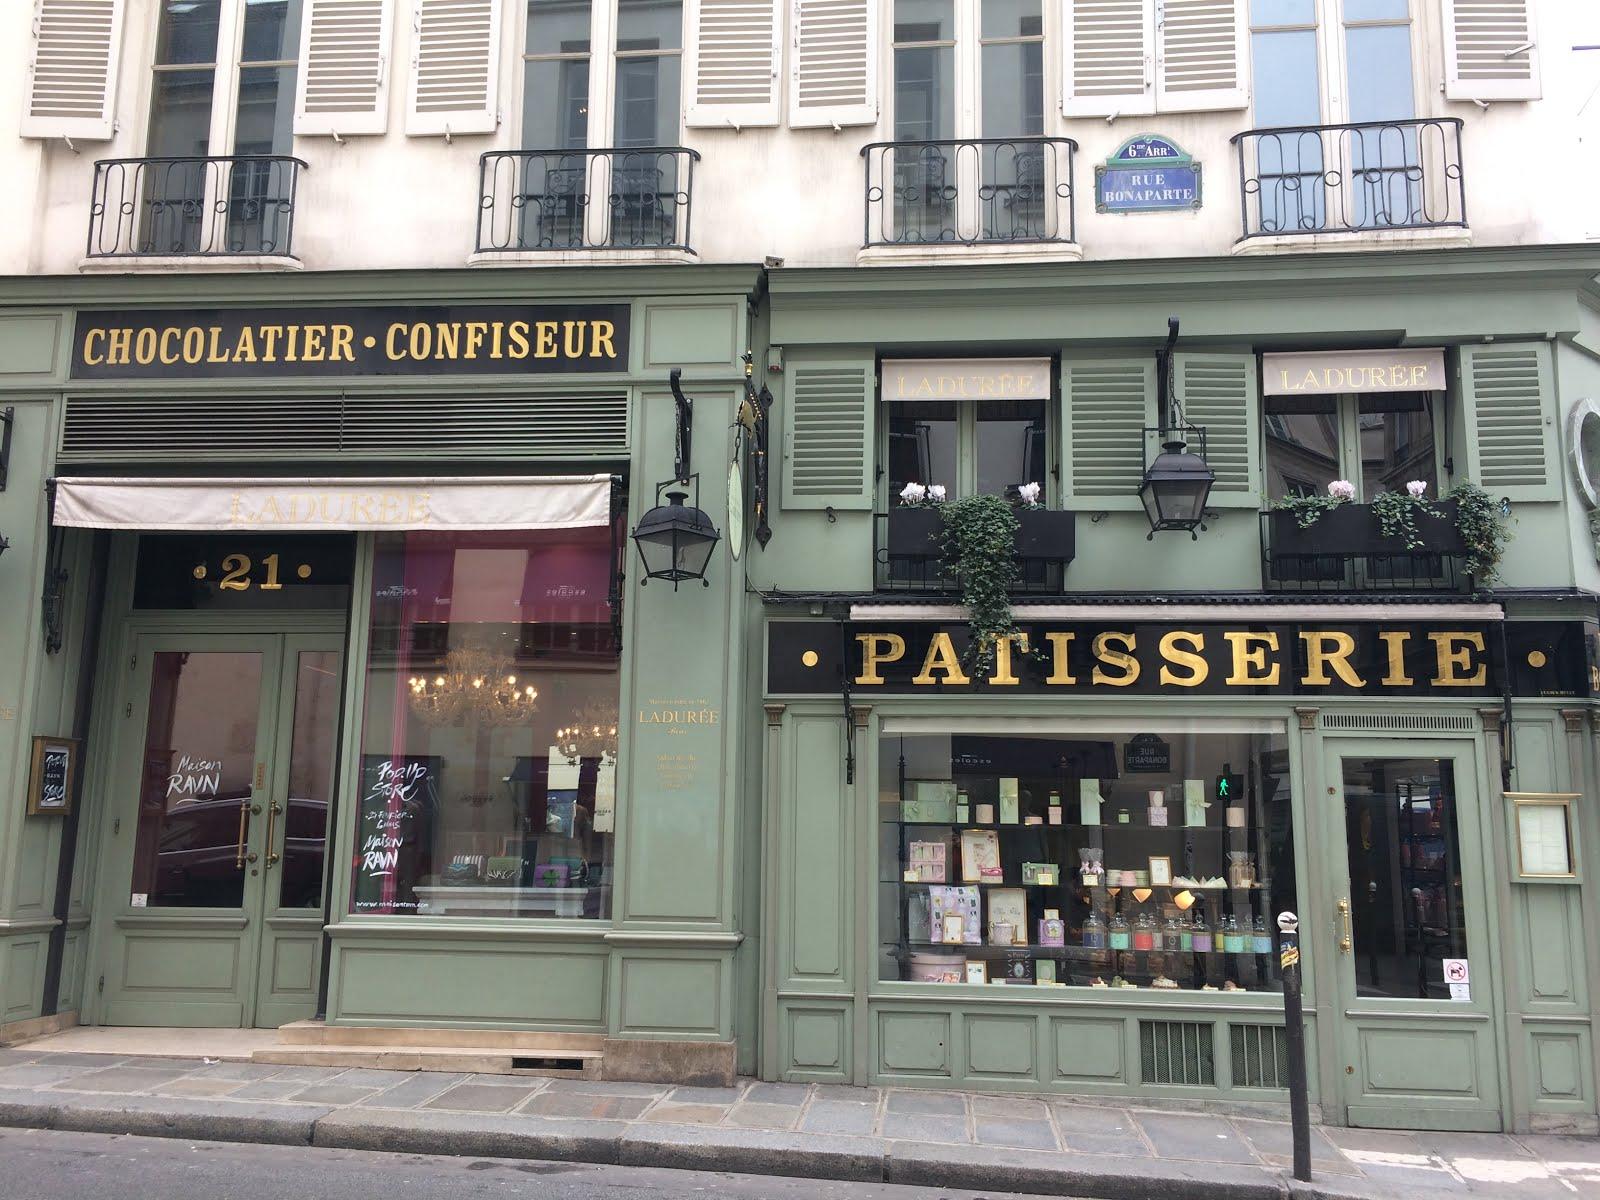 Ordinaire 21 Rue Bonaparte 75006 Paris #6: 21番地 21 RUE BONAPARTE 75006